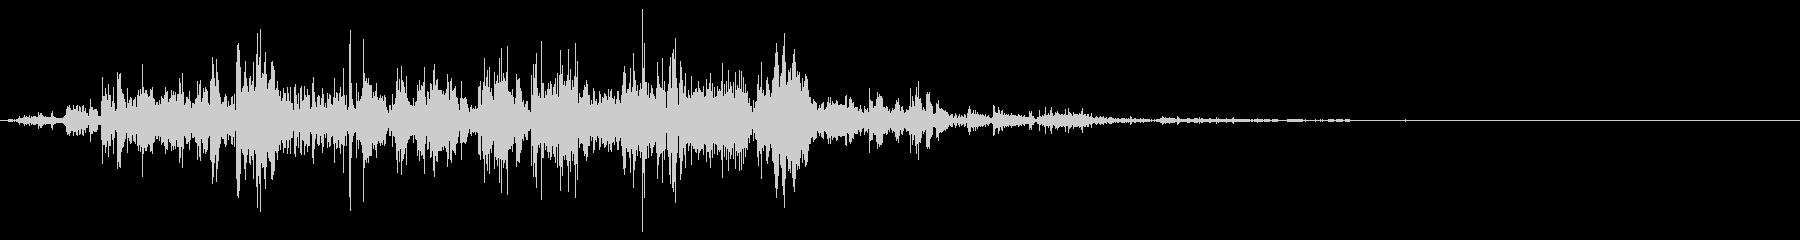 鎖を動かす音4【短い】の未再生の波形